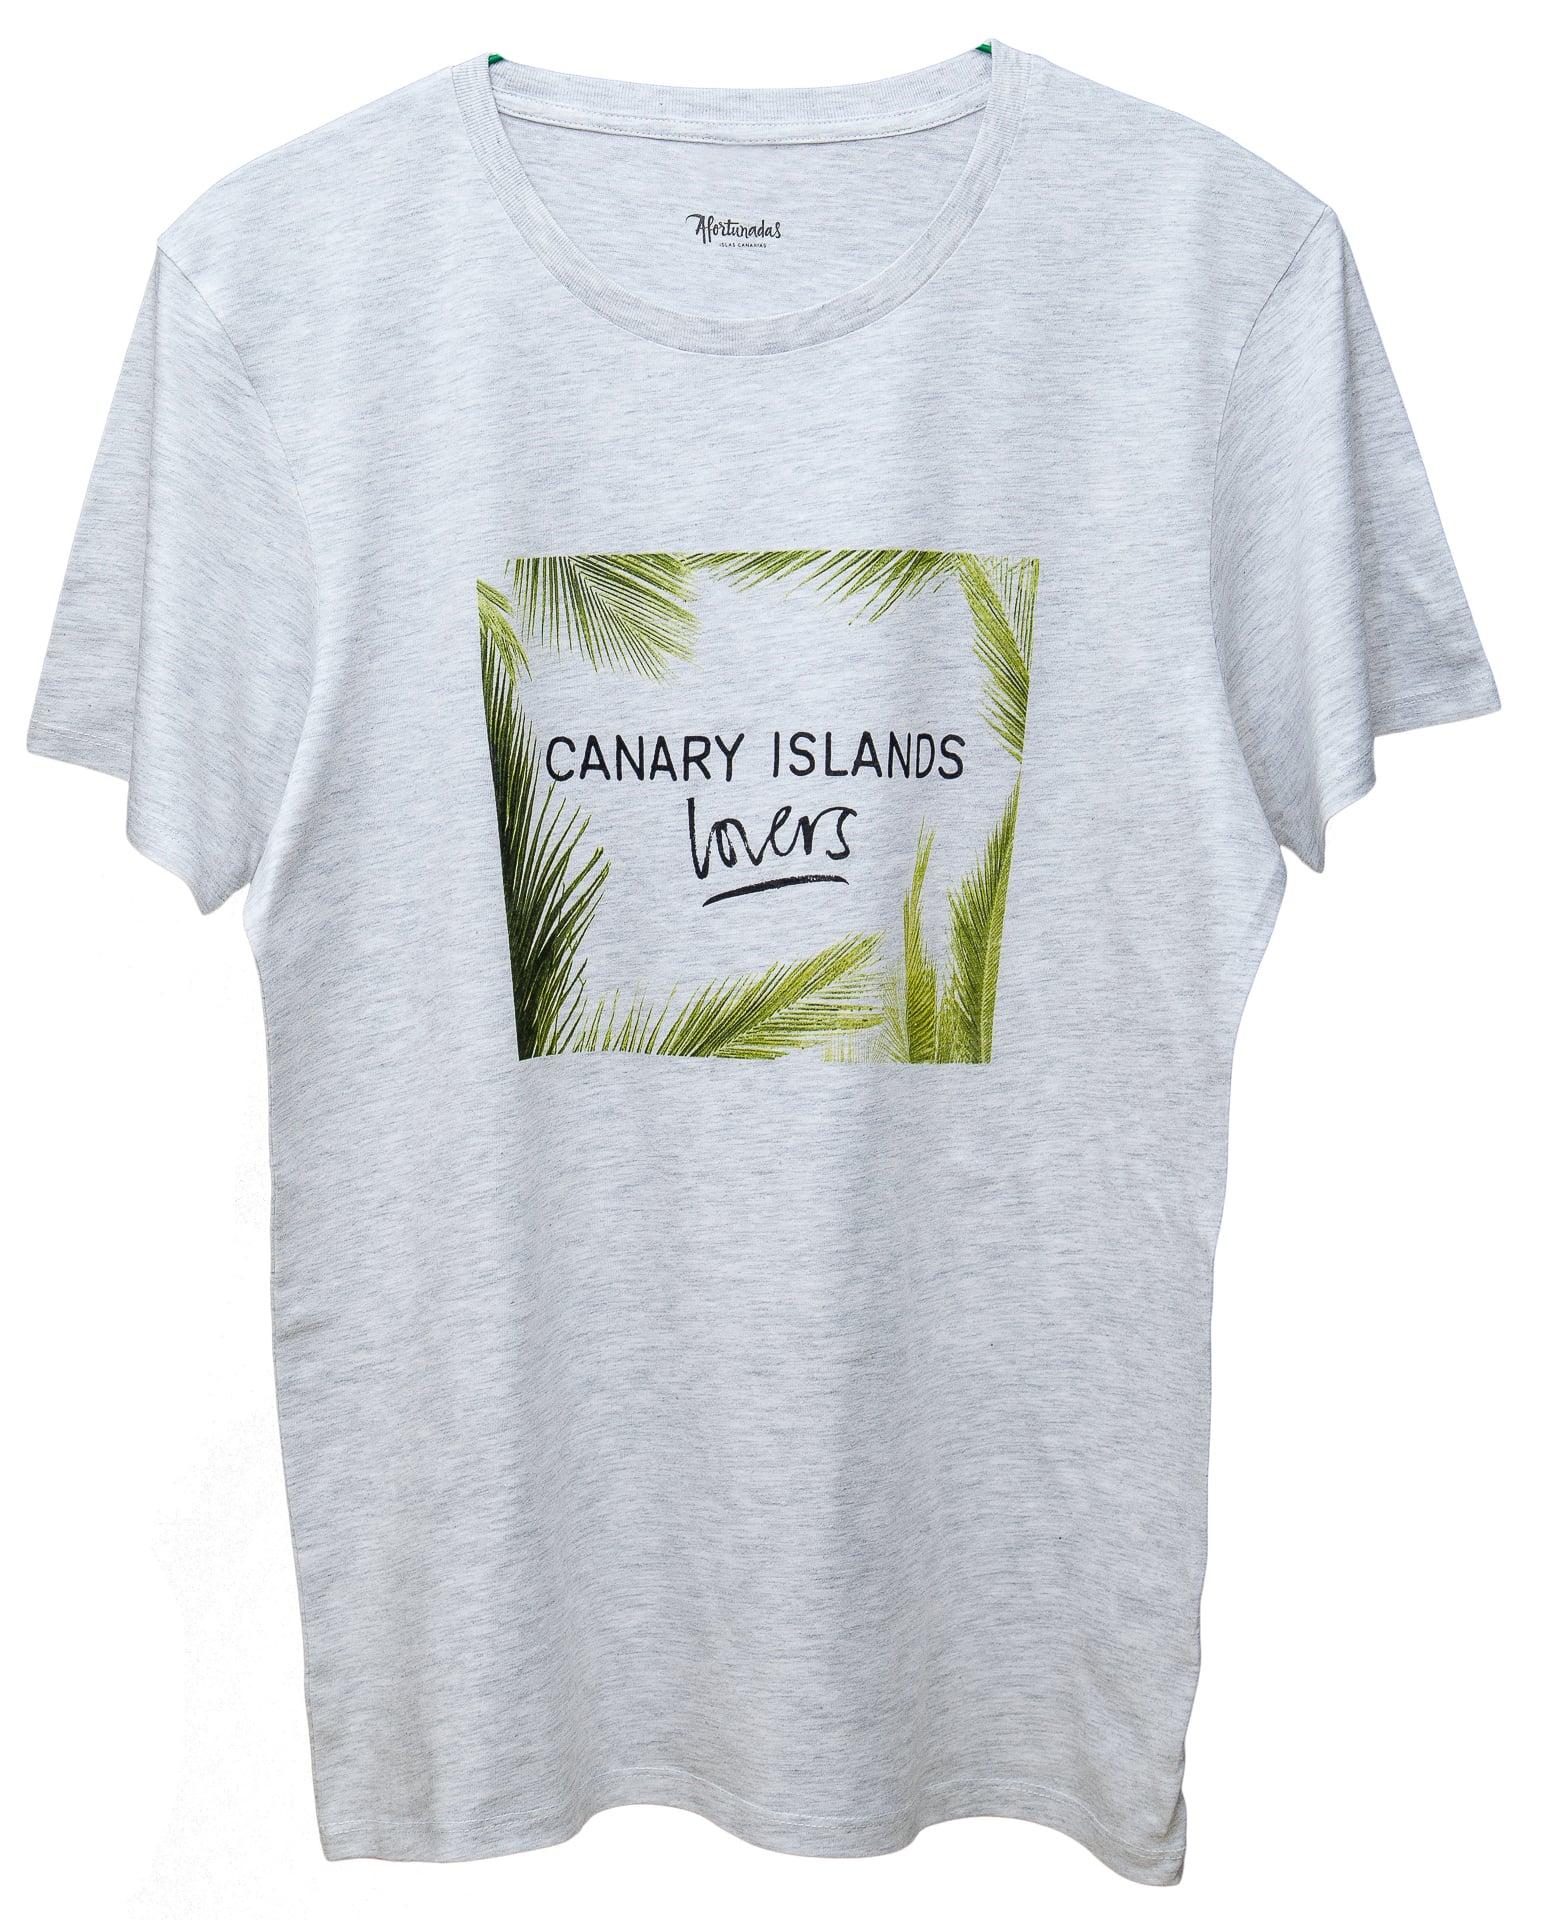 Canary_Islands-lover_man-tshirt